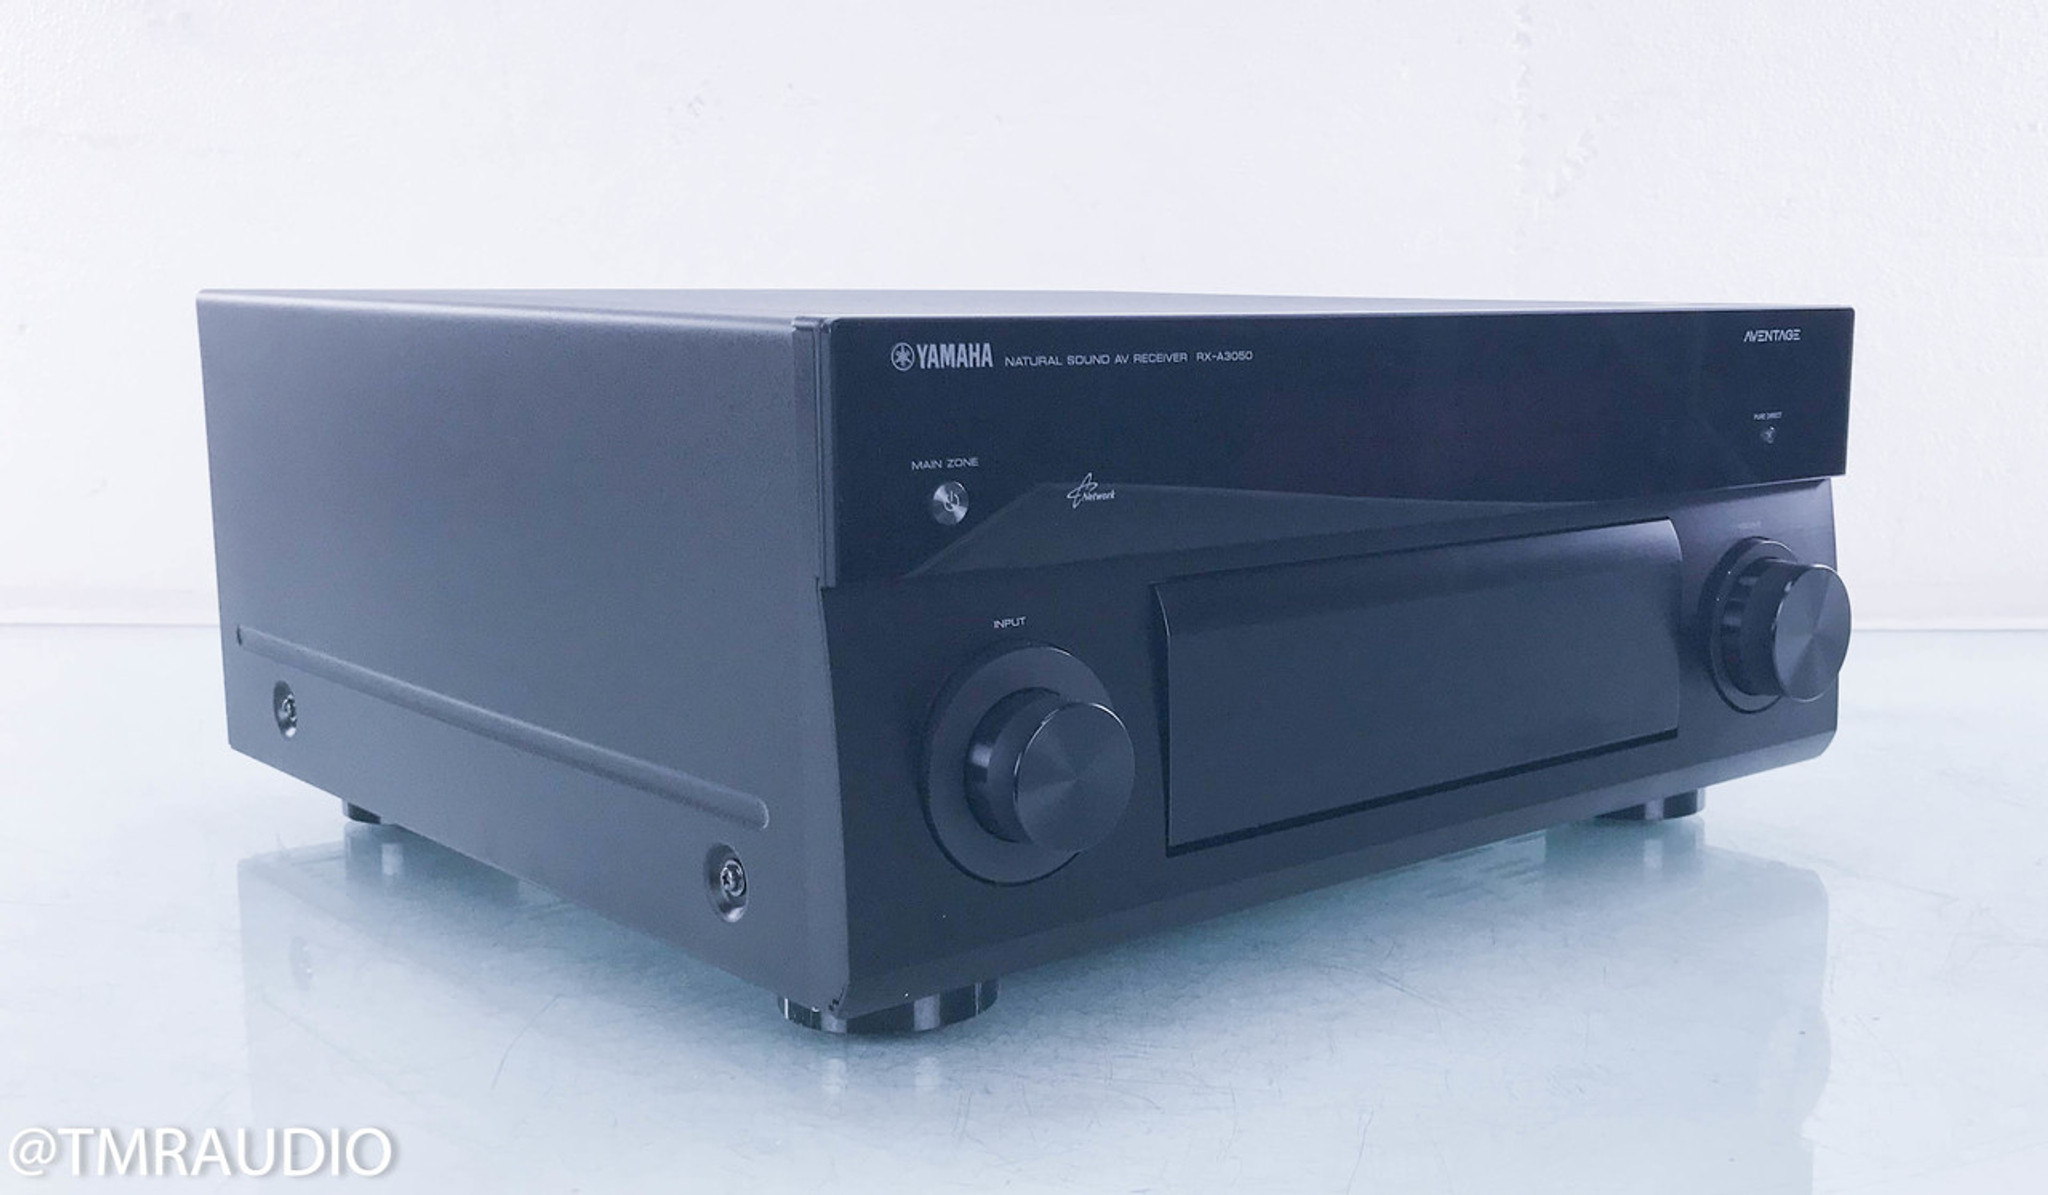 Denon Avr X7200wa Vs Yamaha Rx A3070